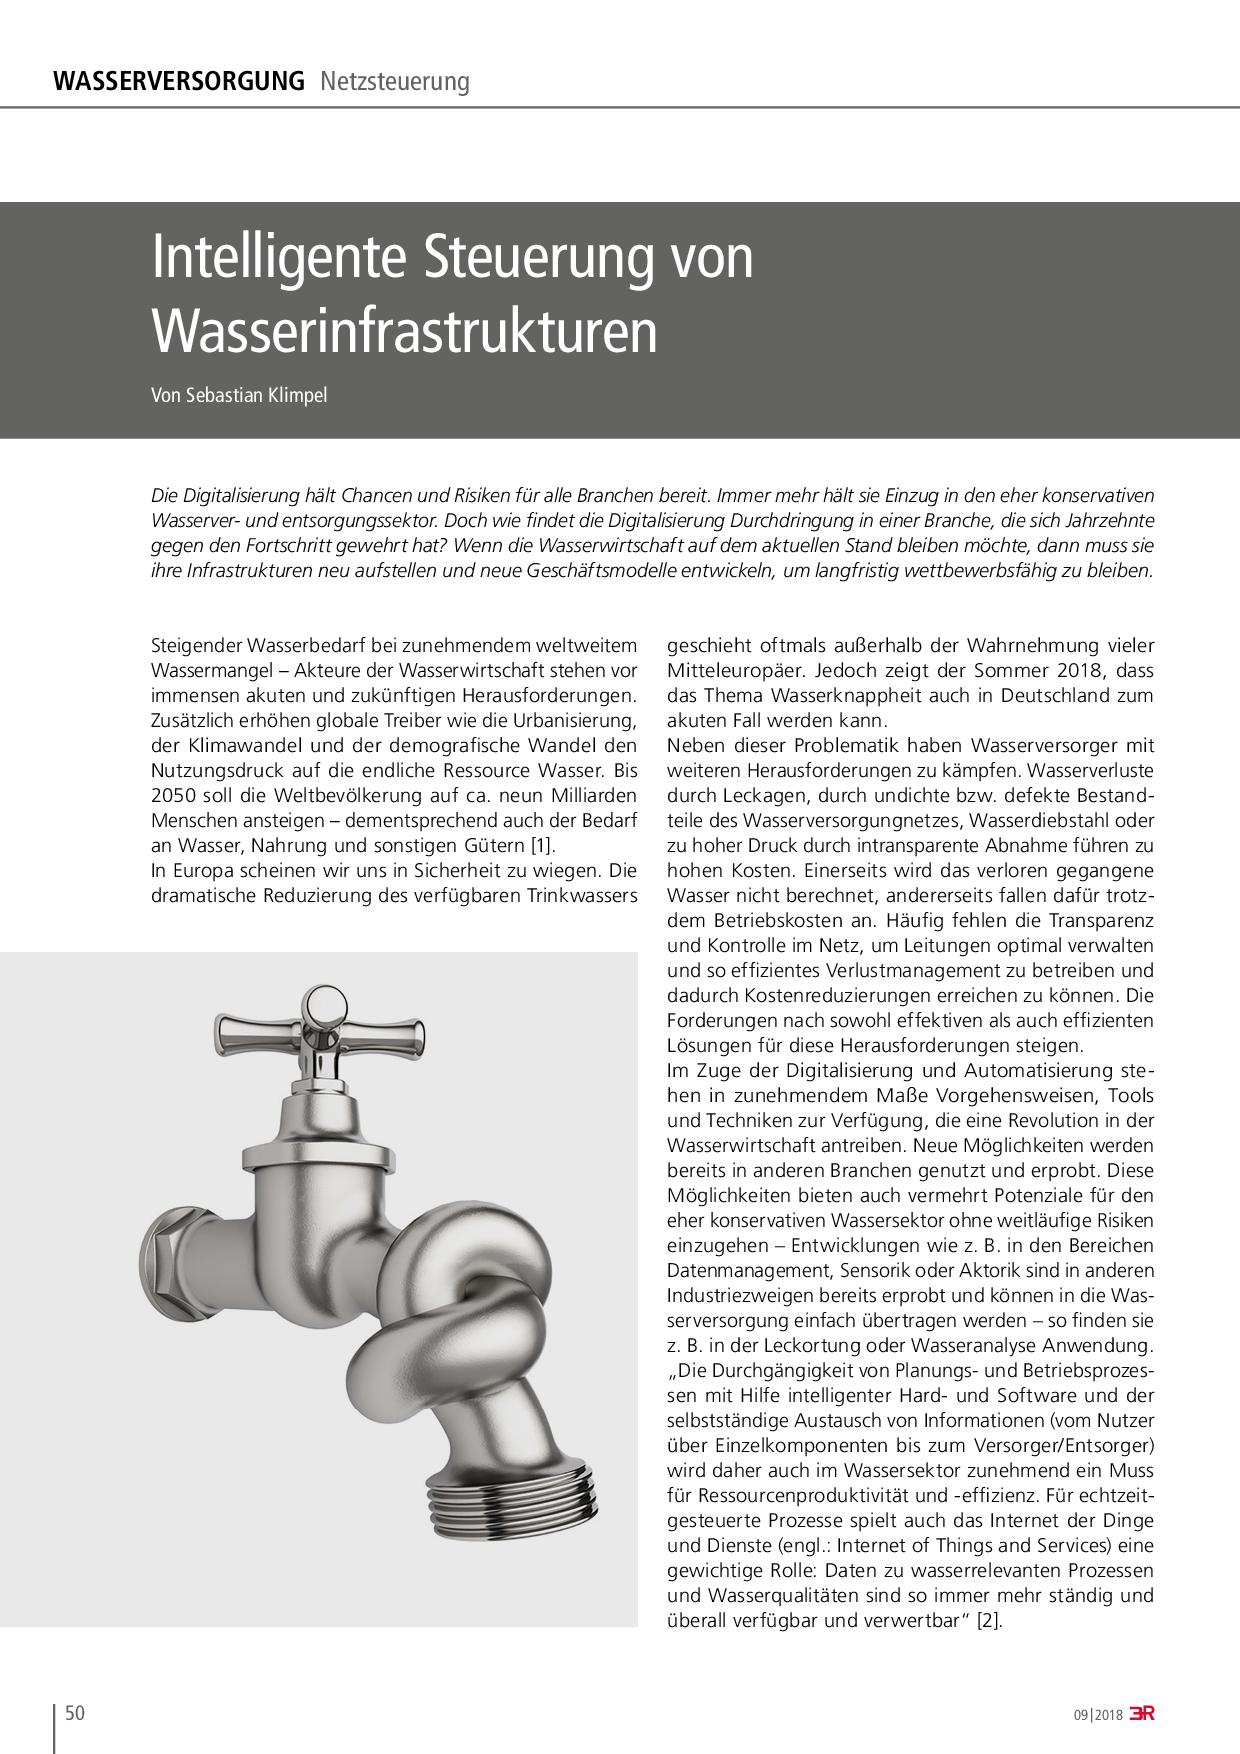 Intelligente Steuerung von Wasserinfrastrukturen